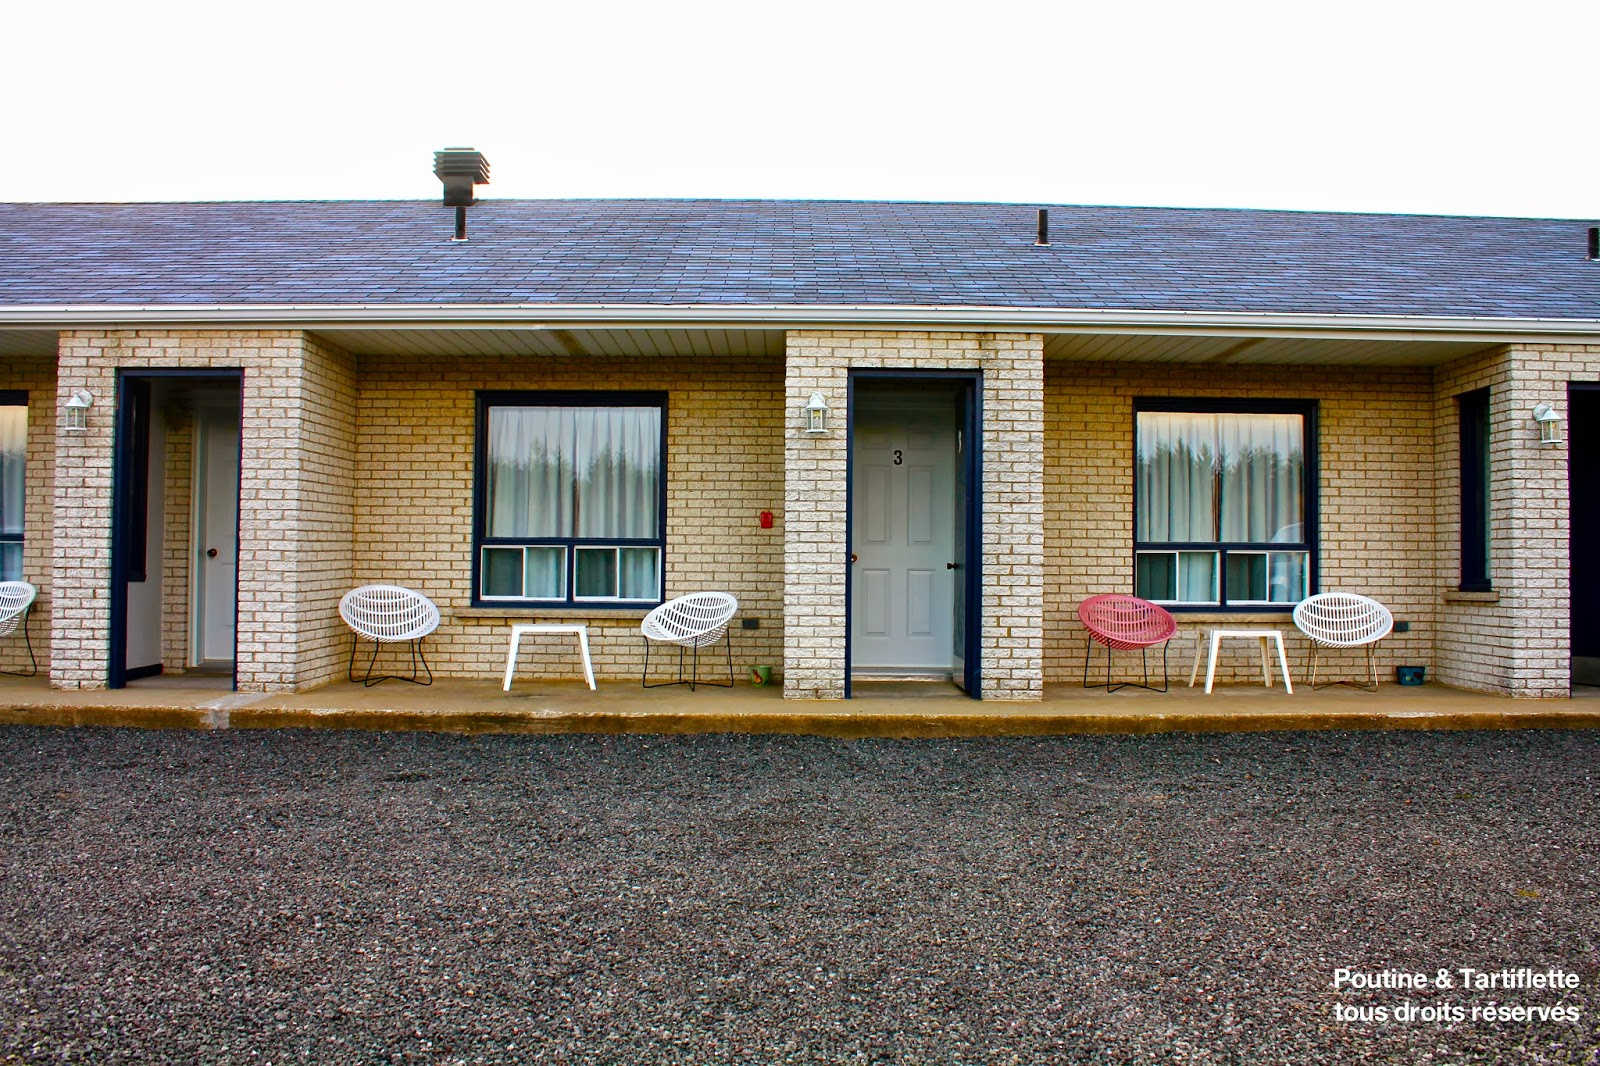 Le parc du bic for Le bic motel